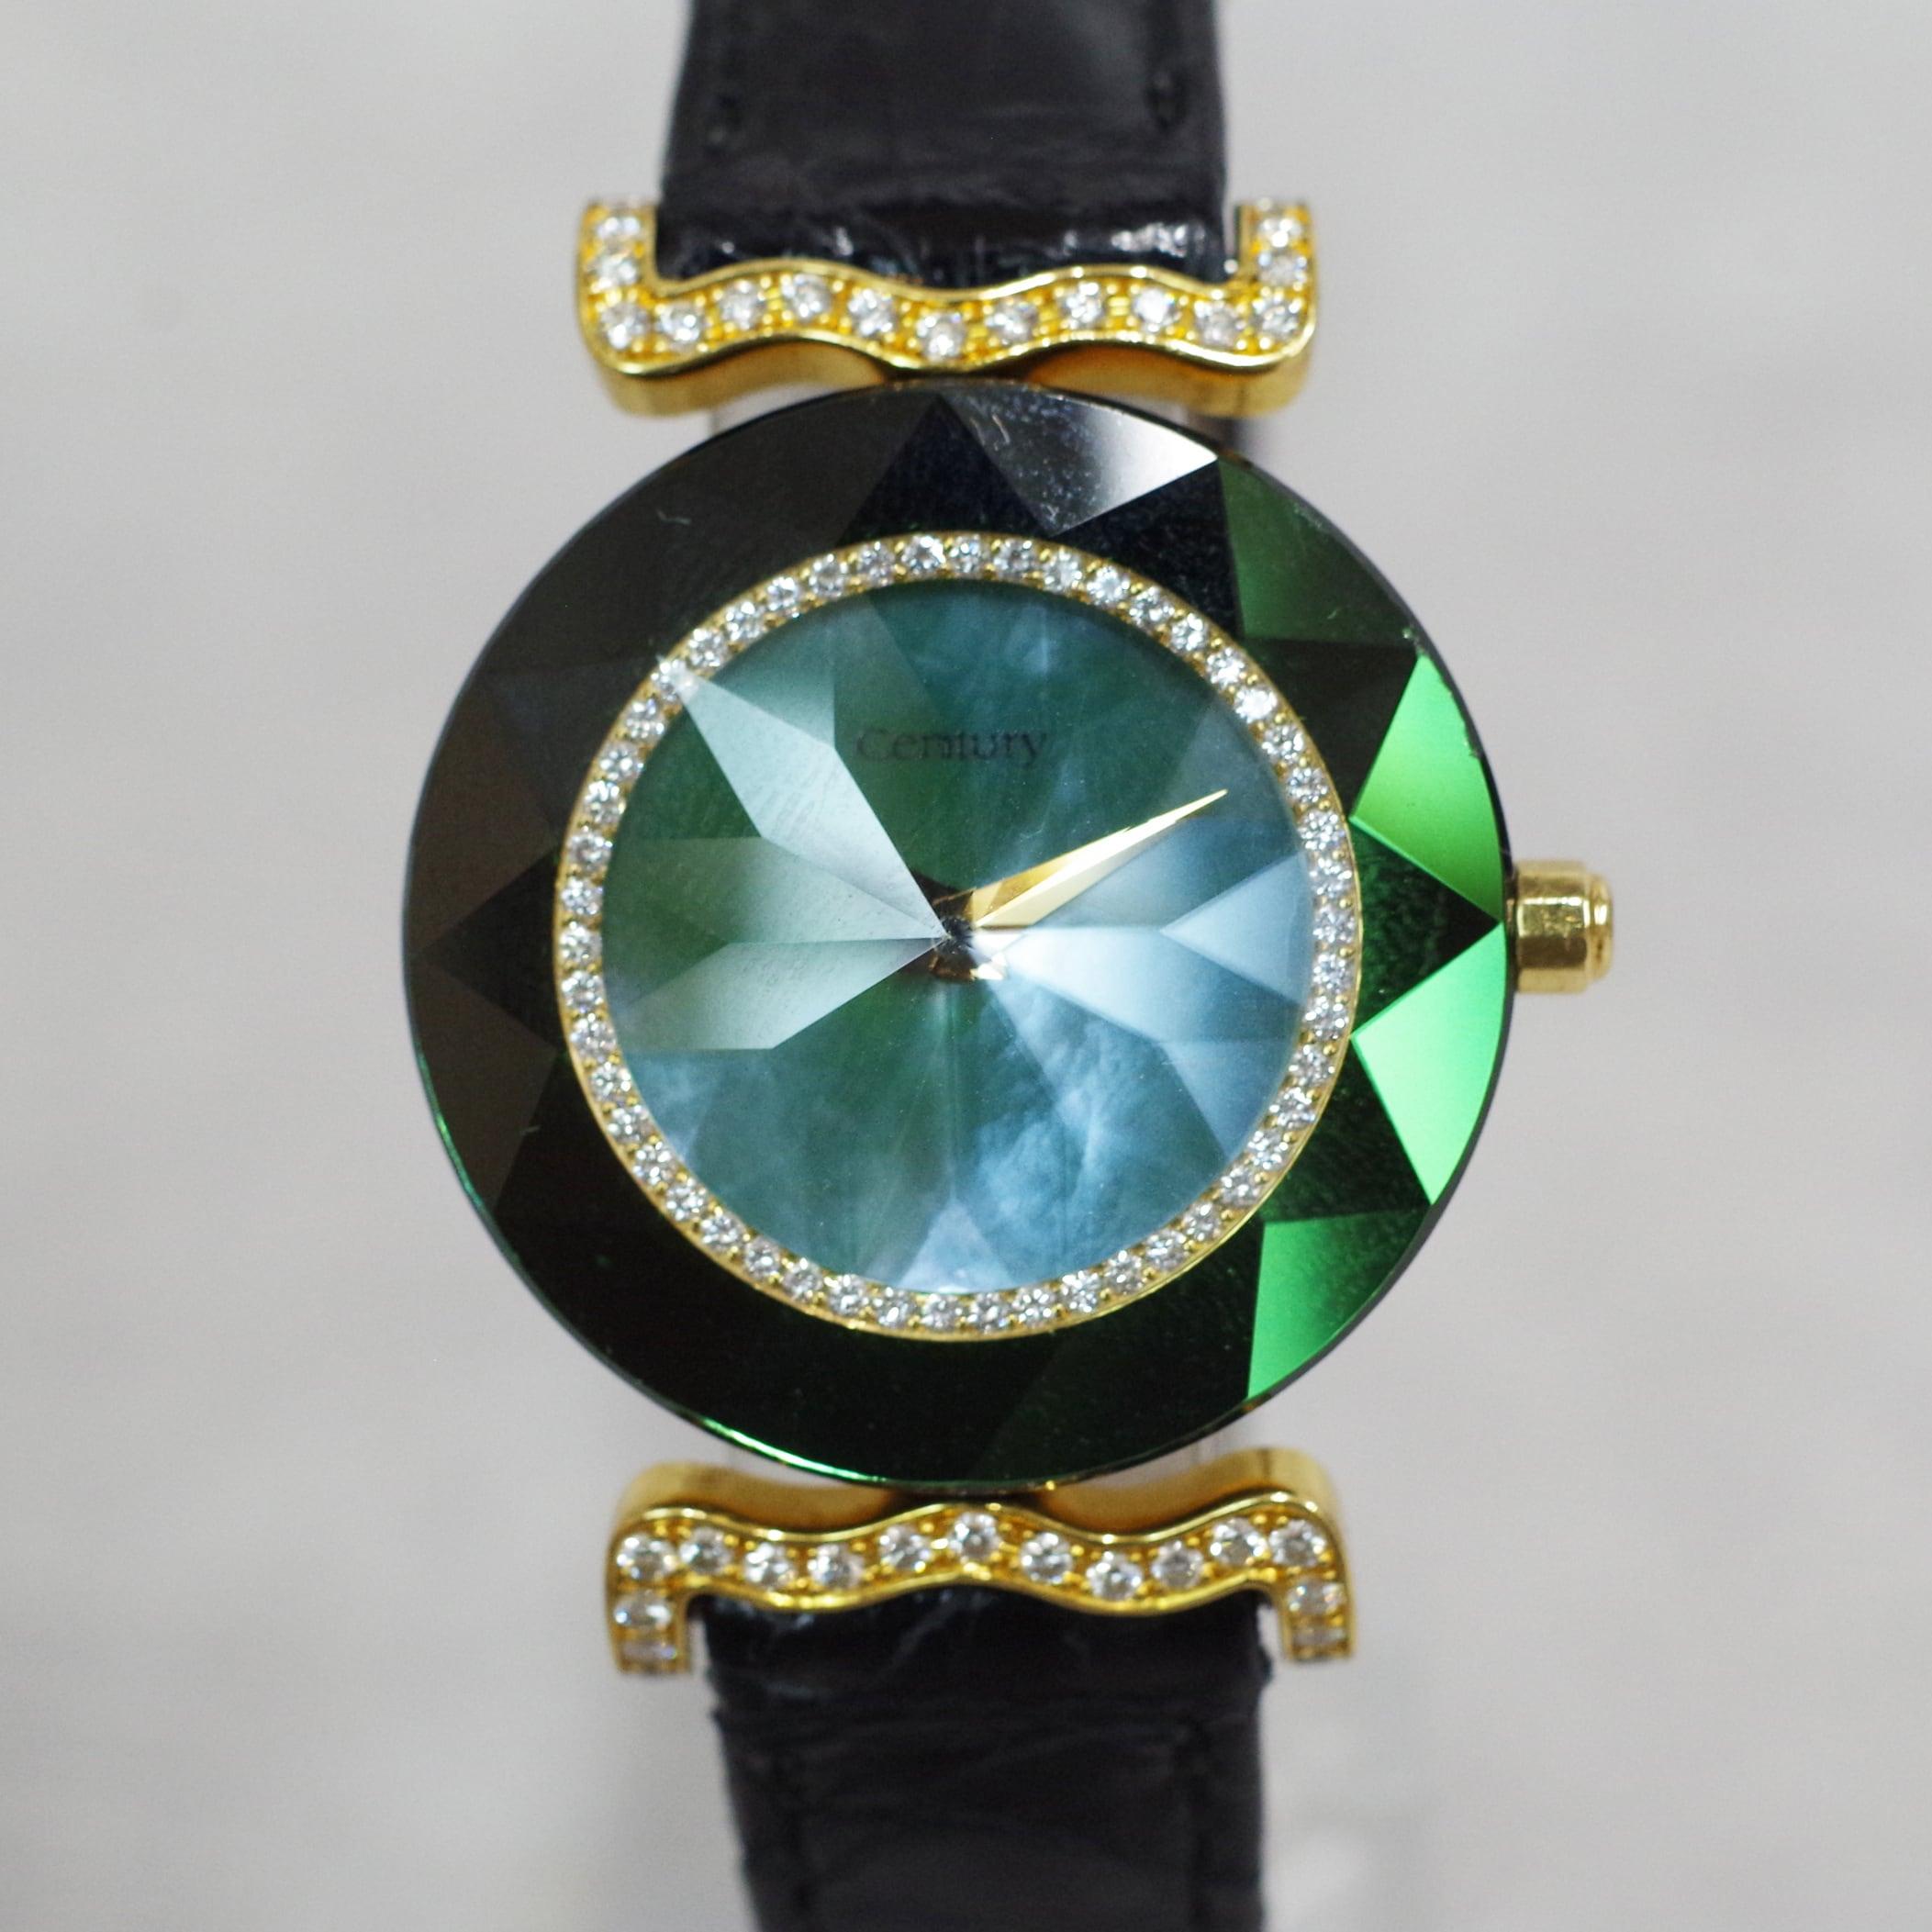 CENTURY センチュリー タイムジェム ダイヤ K18 クォーツ 腕時計 レディース